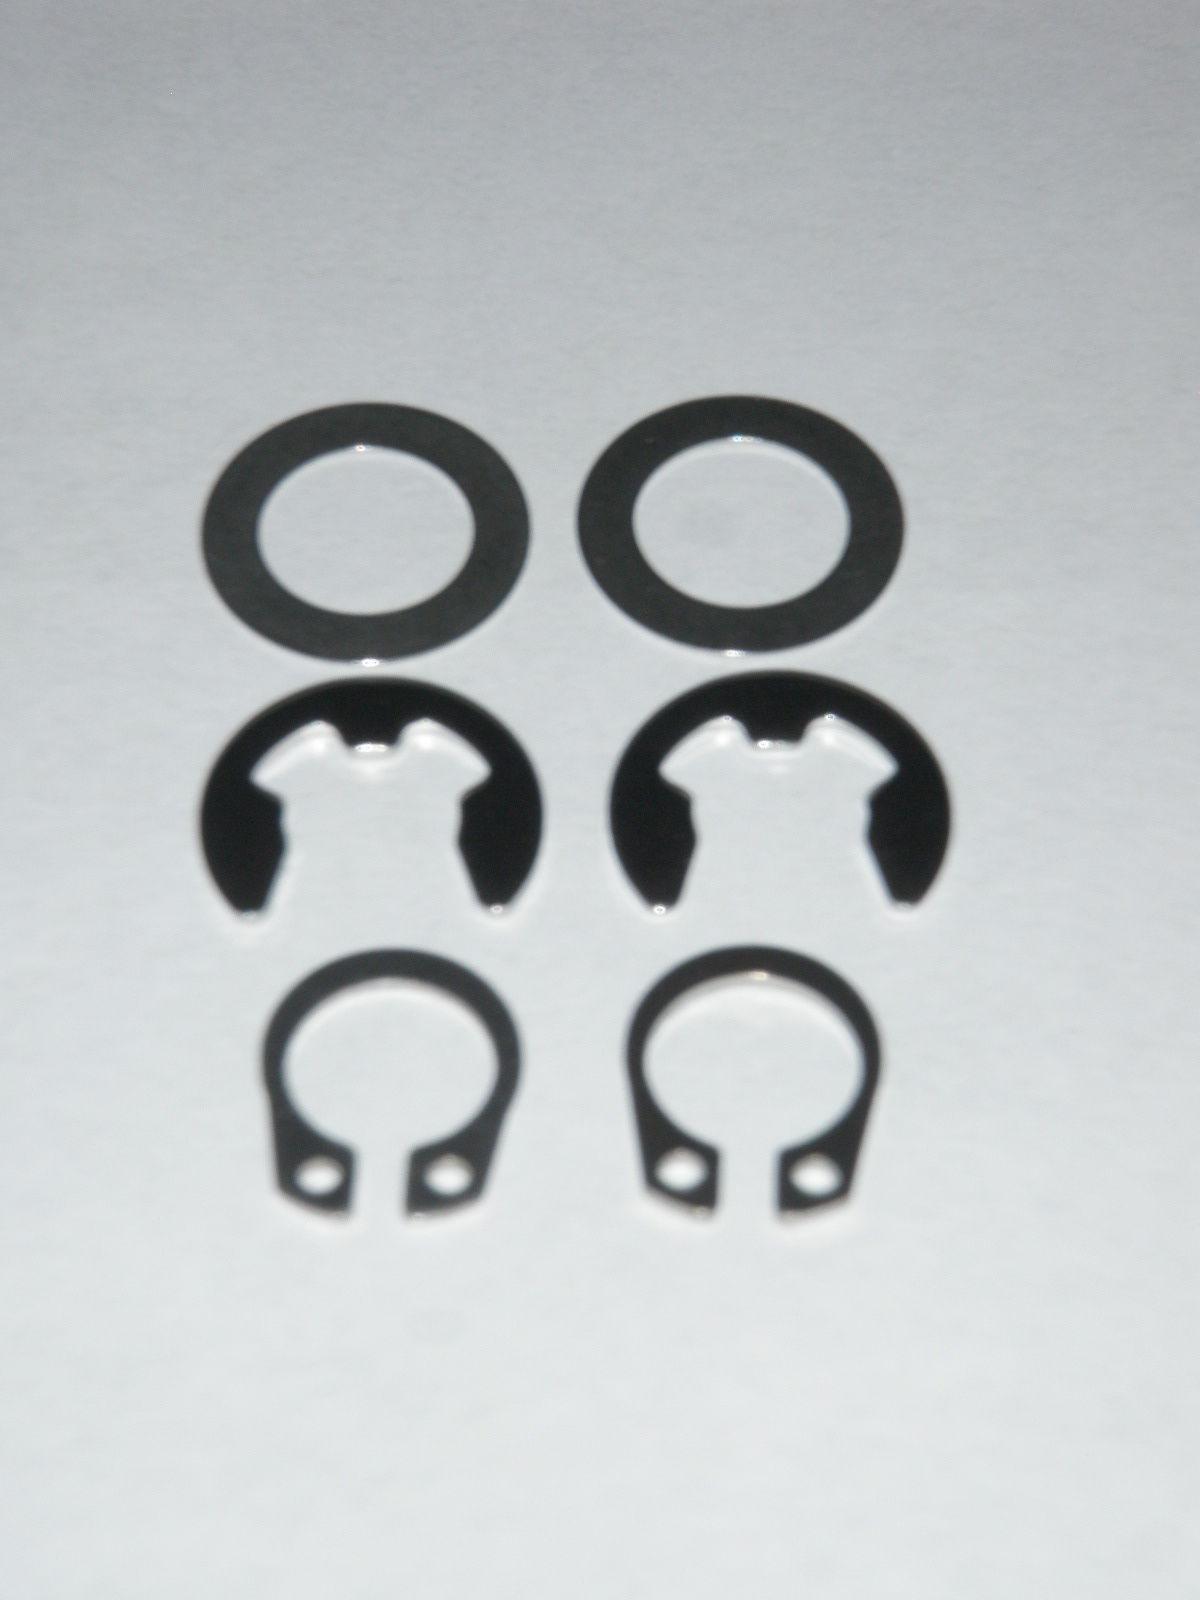 SRECW8 Oster Bread Maker Machine Snap Ring E-clip Washer for Model CKSTBRTW20